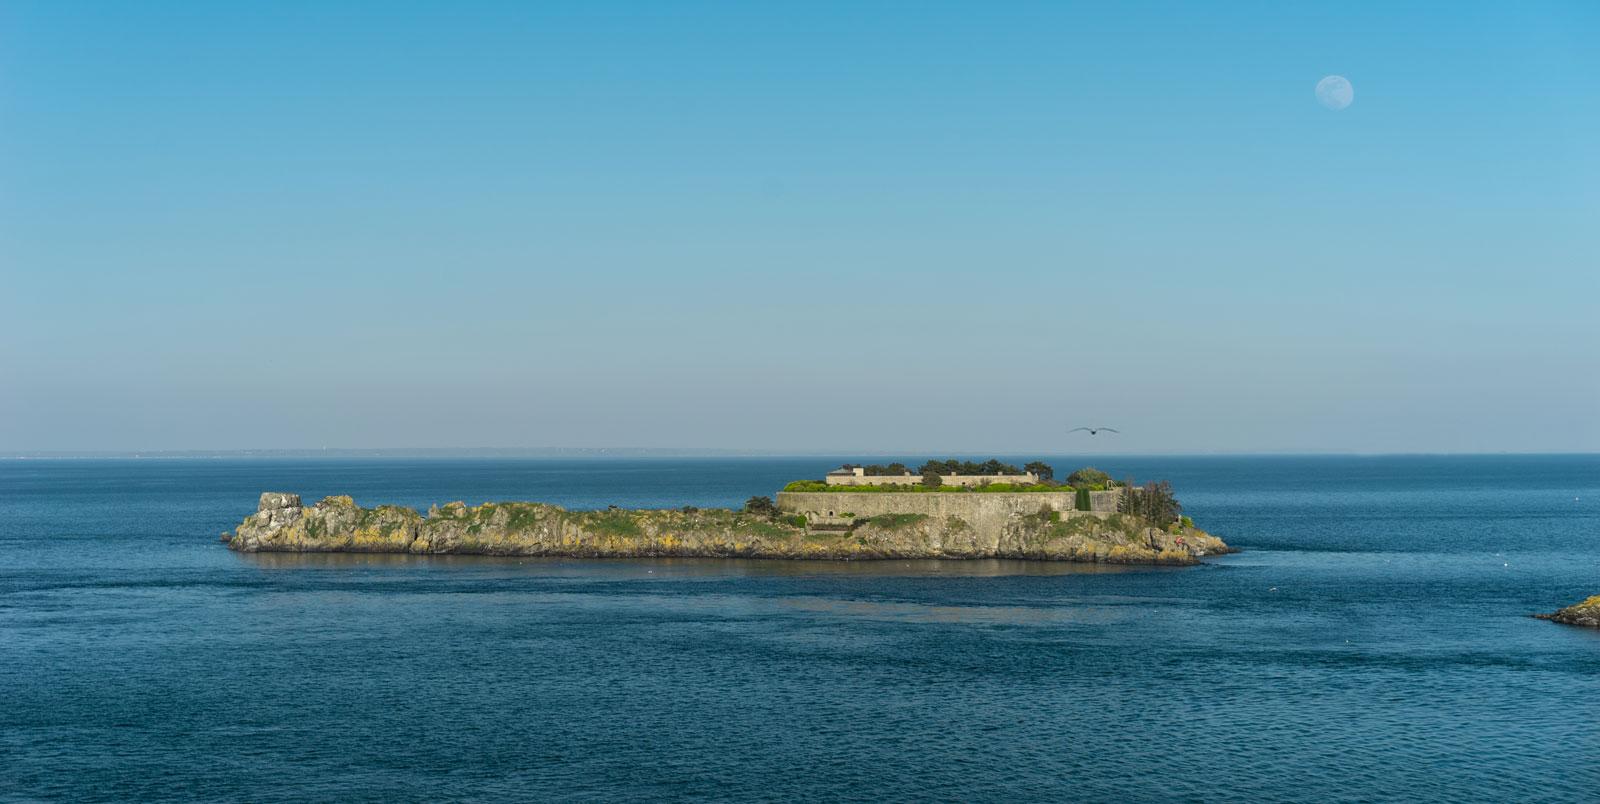 Île des rimains